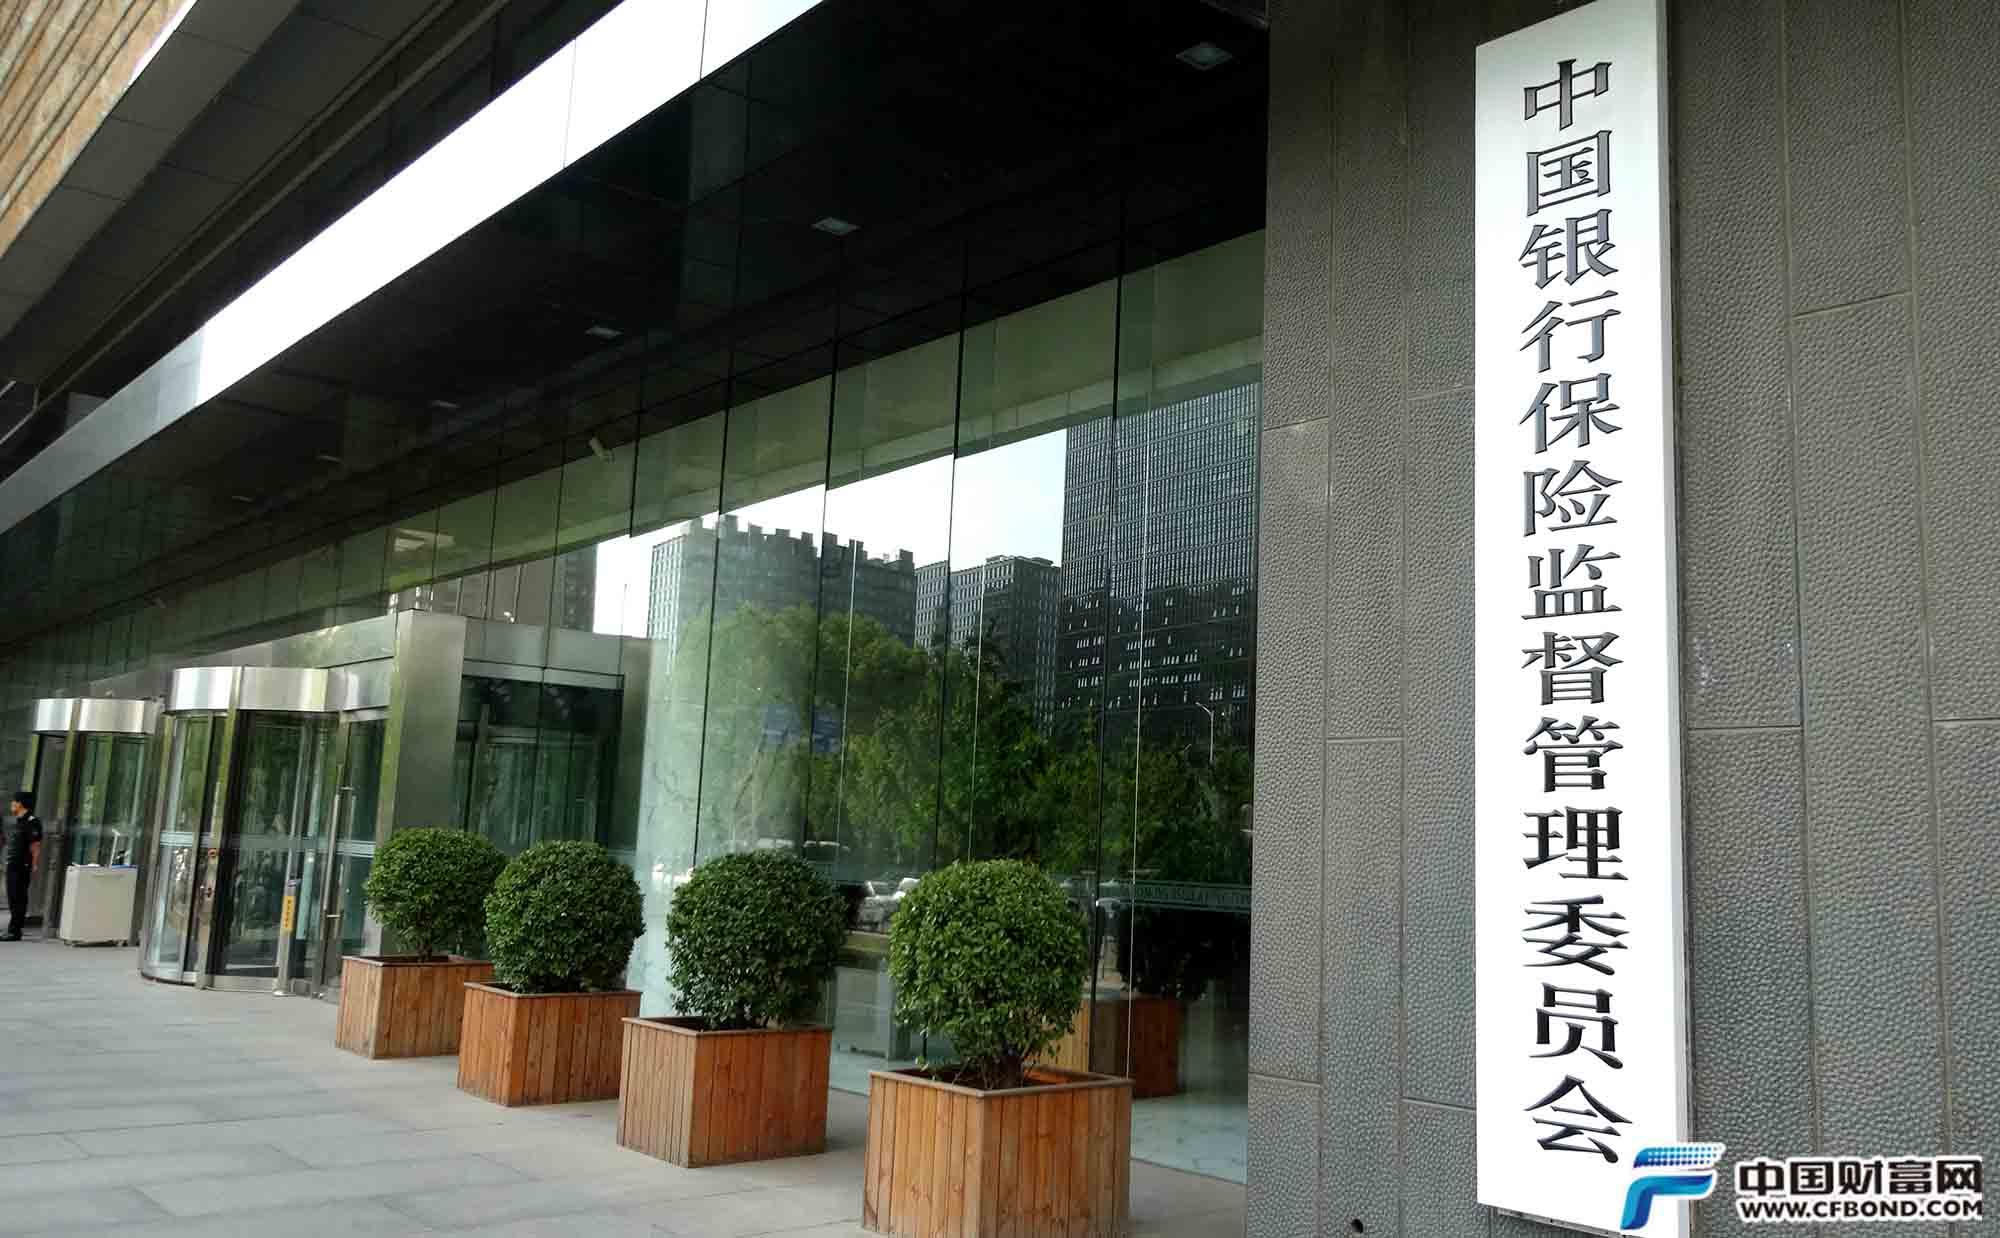 银保监会:批准中国建设银行、中国银行设立理财子公司申请